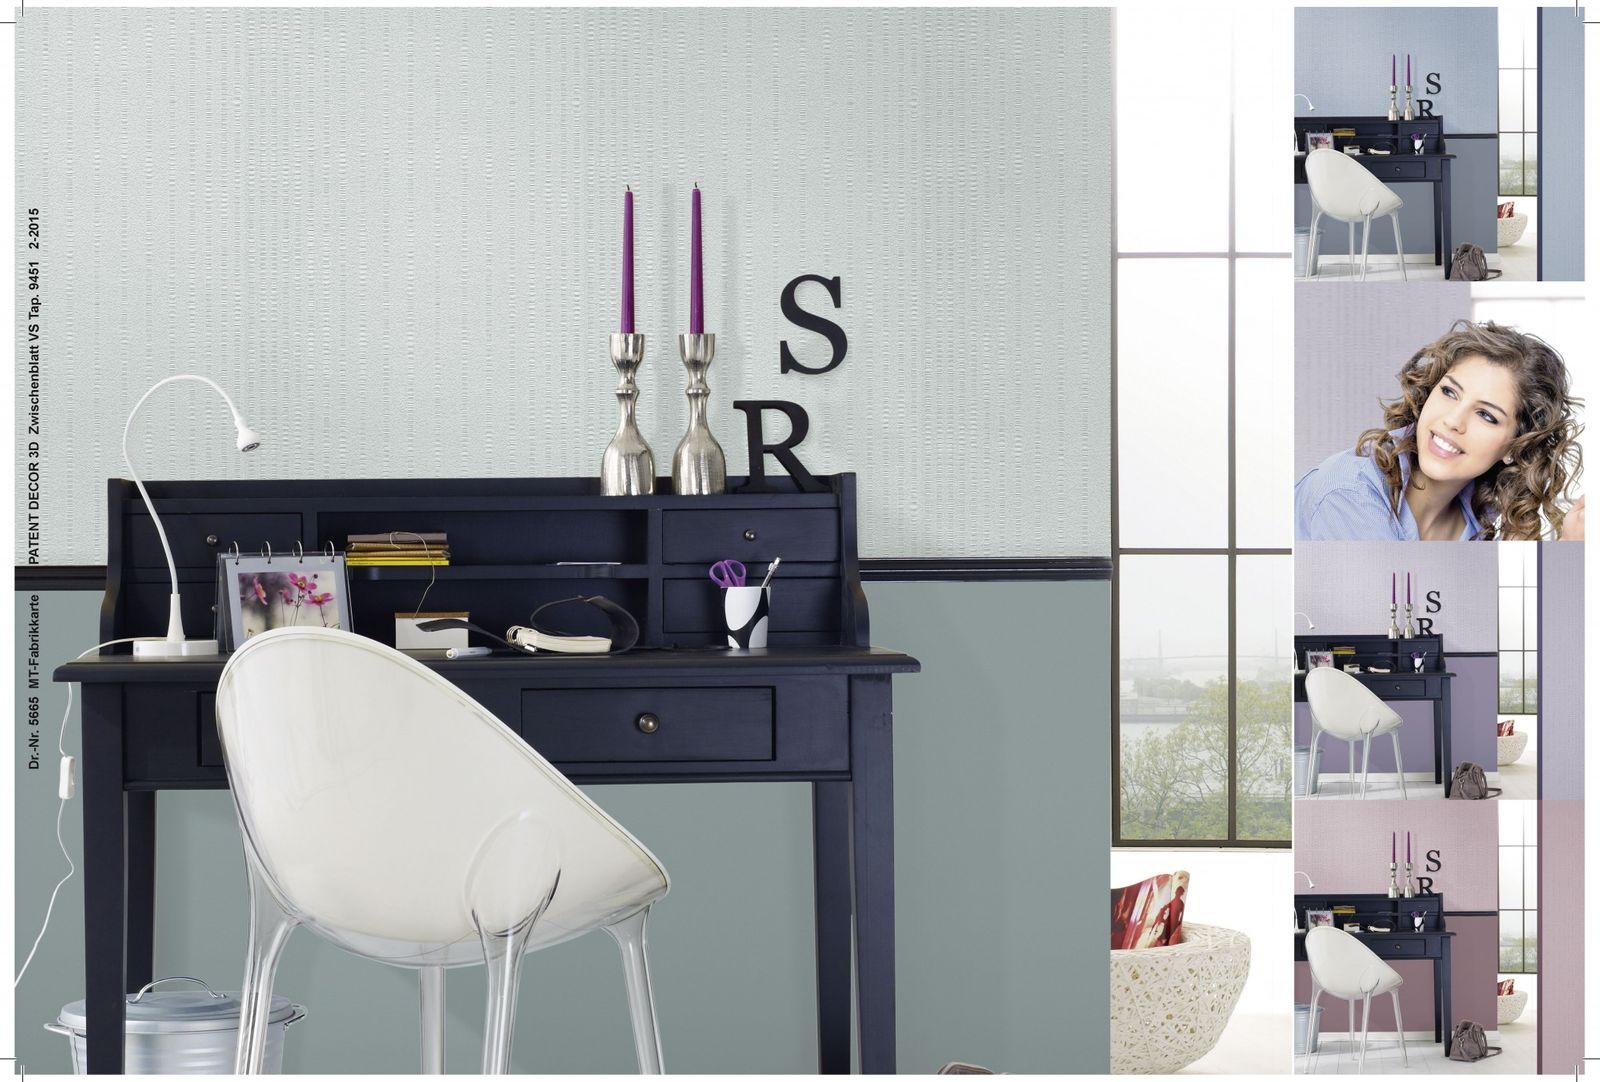 vliestapete berstreichbar streifen wei patent decor 3d 9451 5 53 1qm 4001860094518 ebay. Black Bedroom Furniture Sets. Home Design Ideas